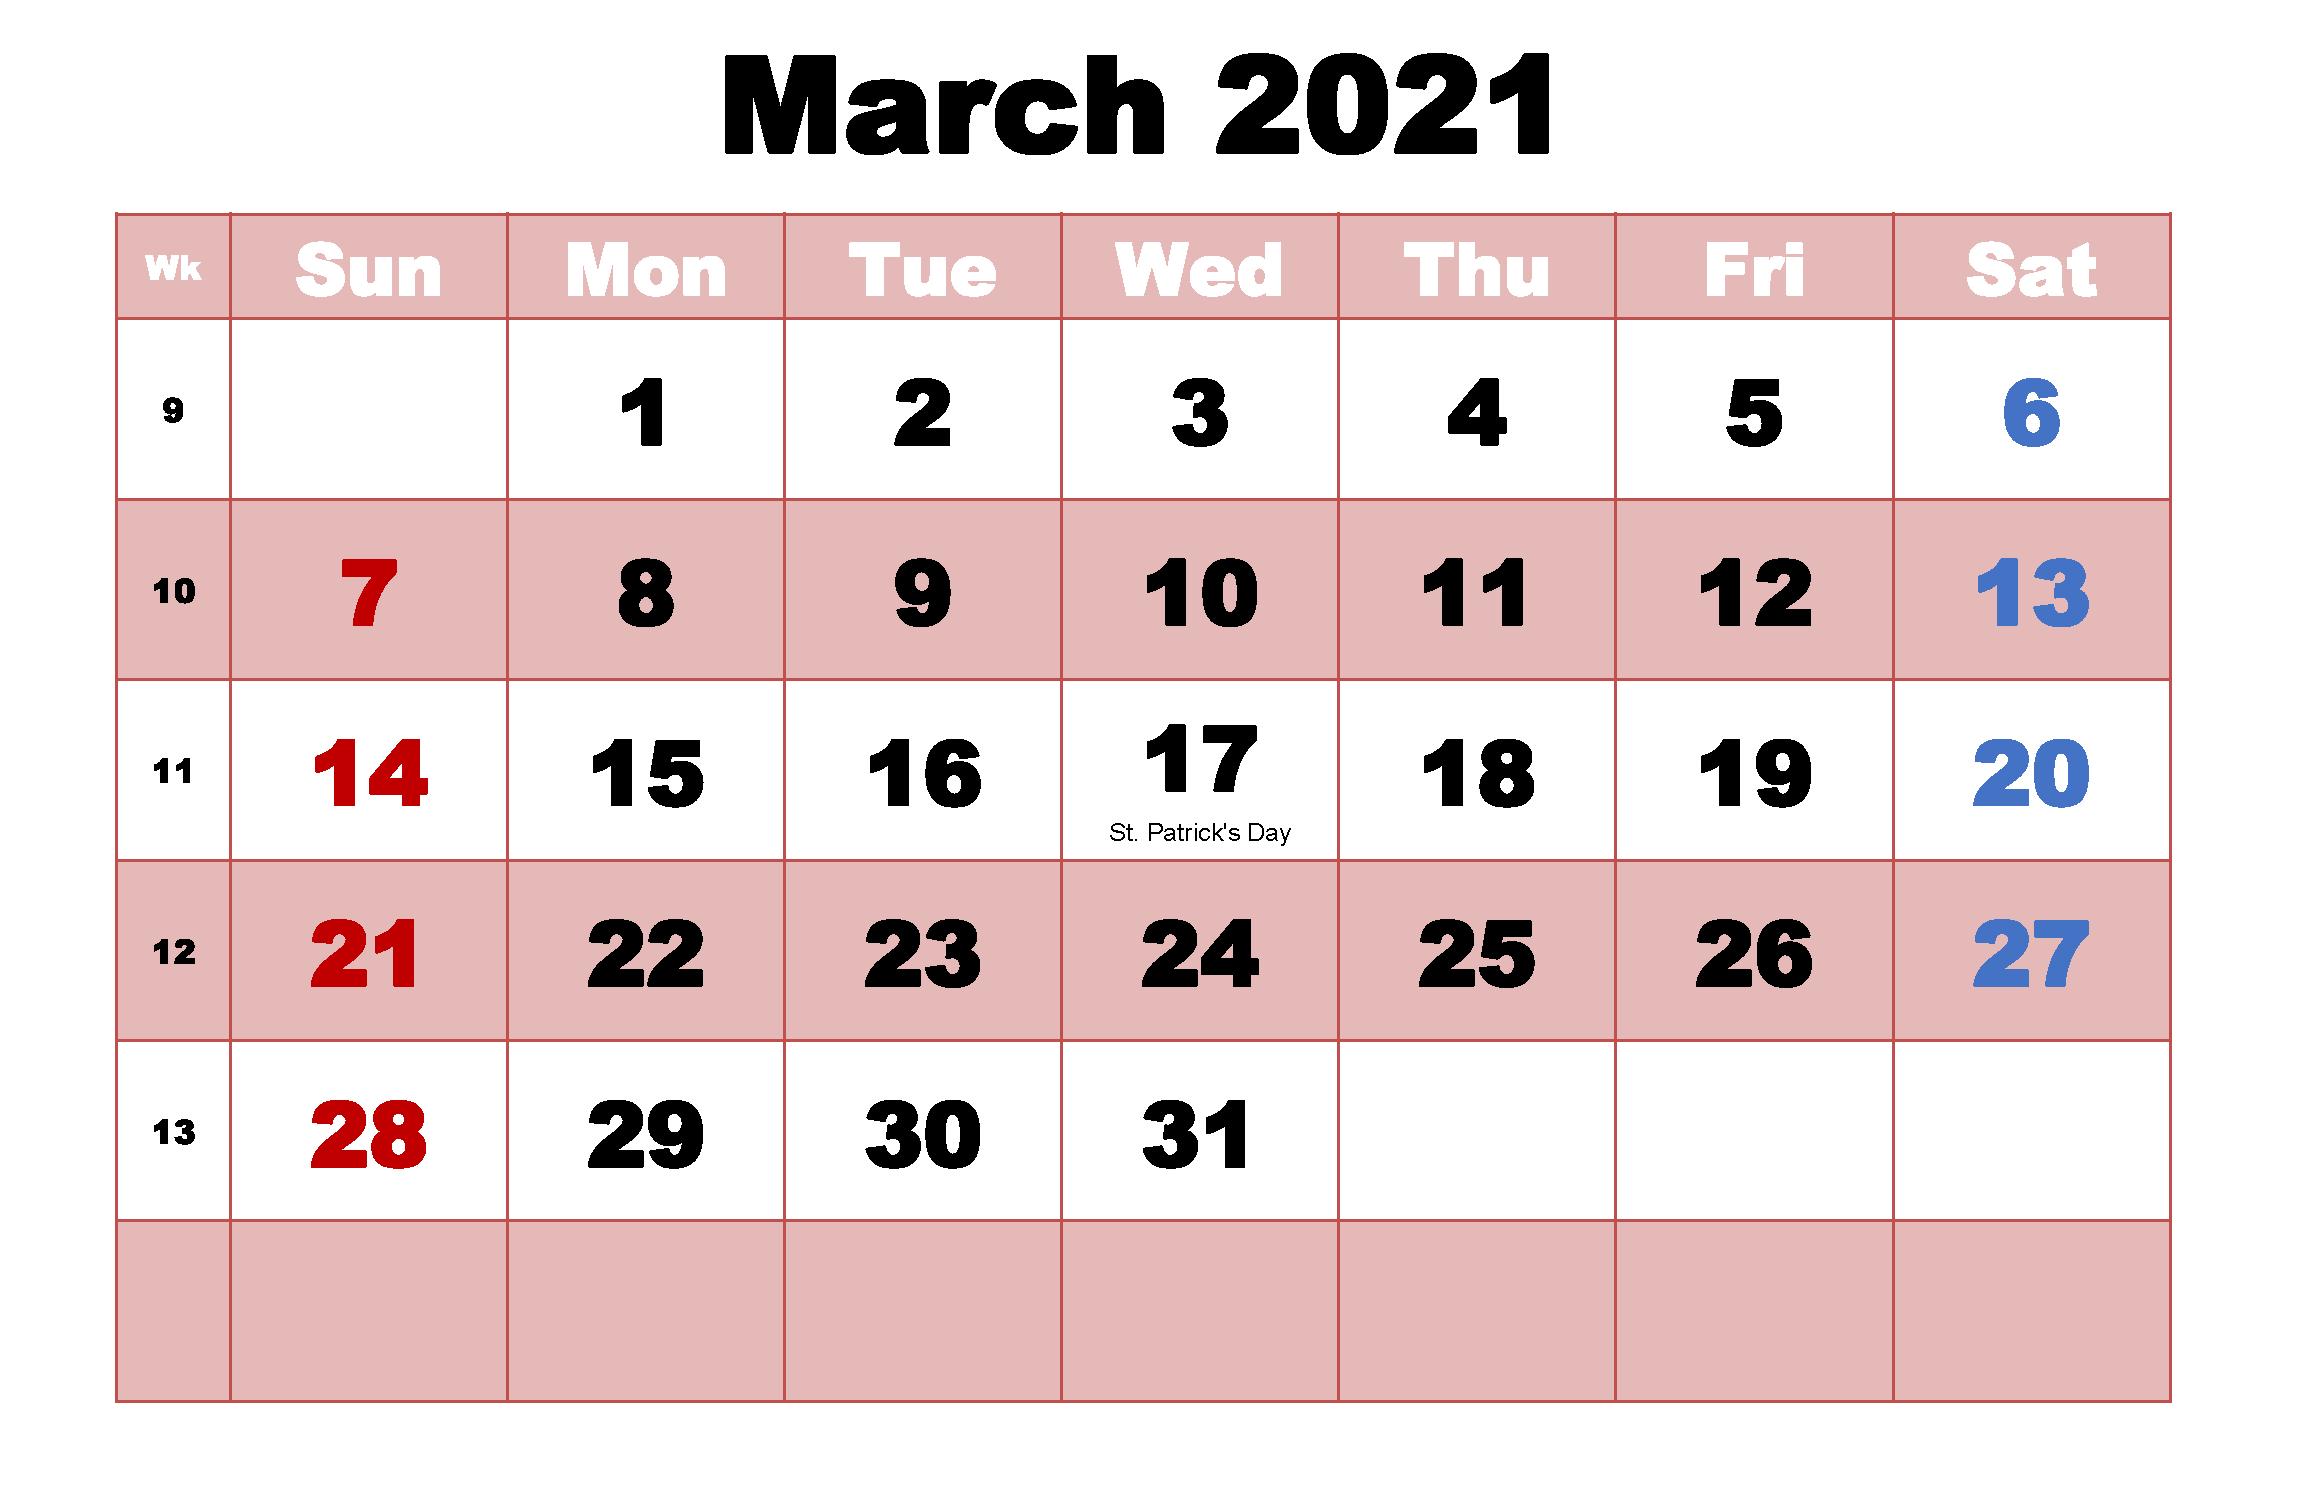 March 2021 Editable Calendar